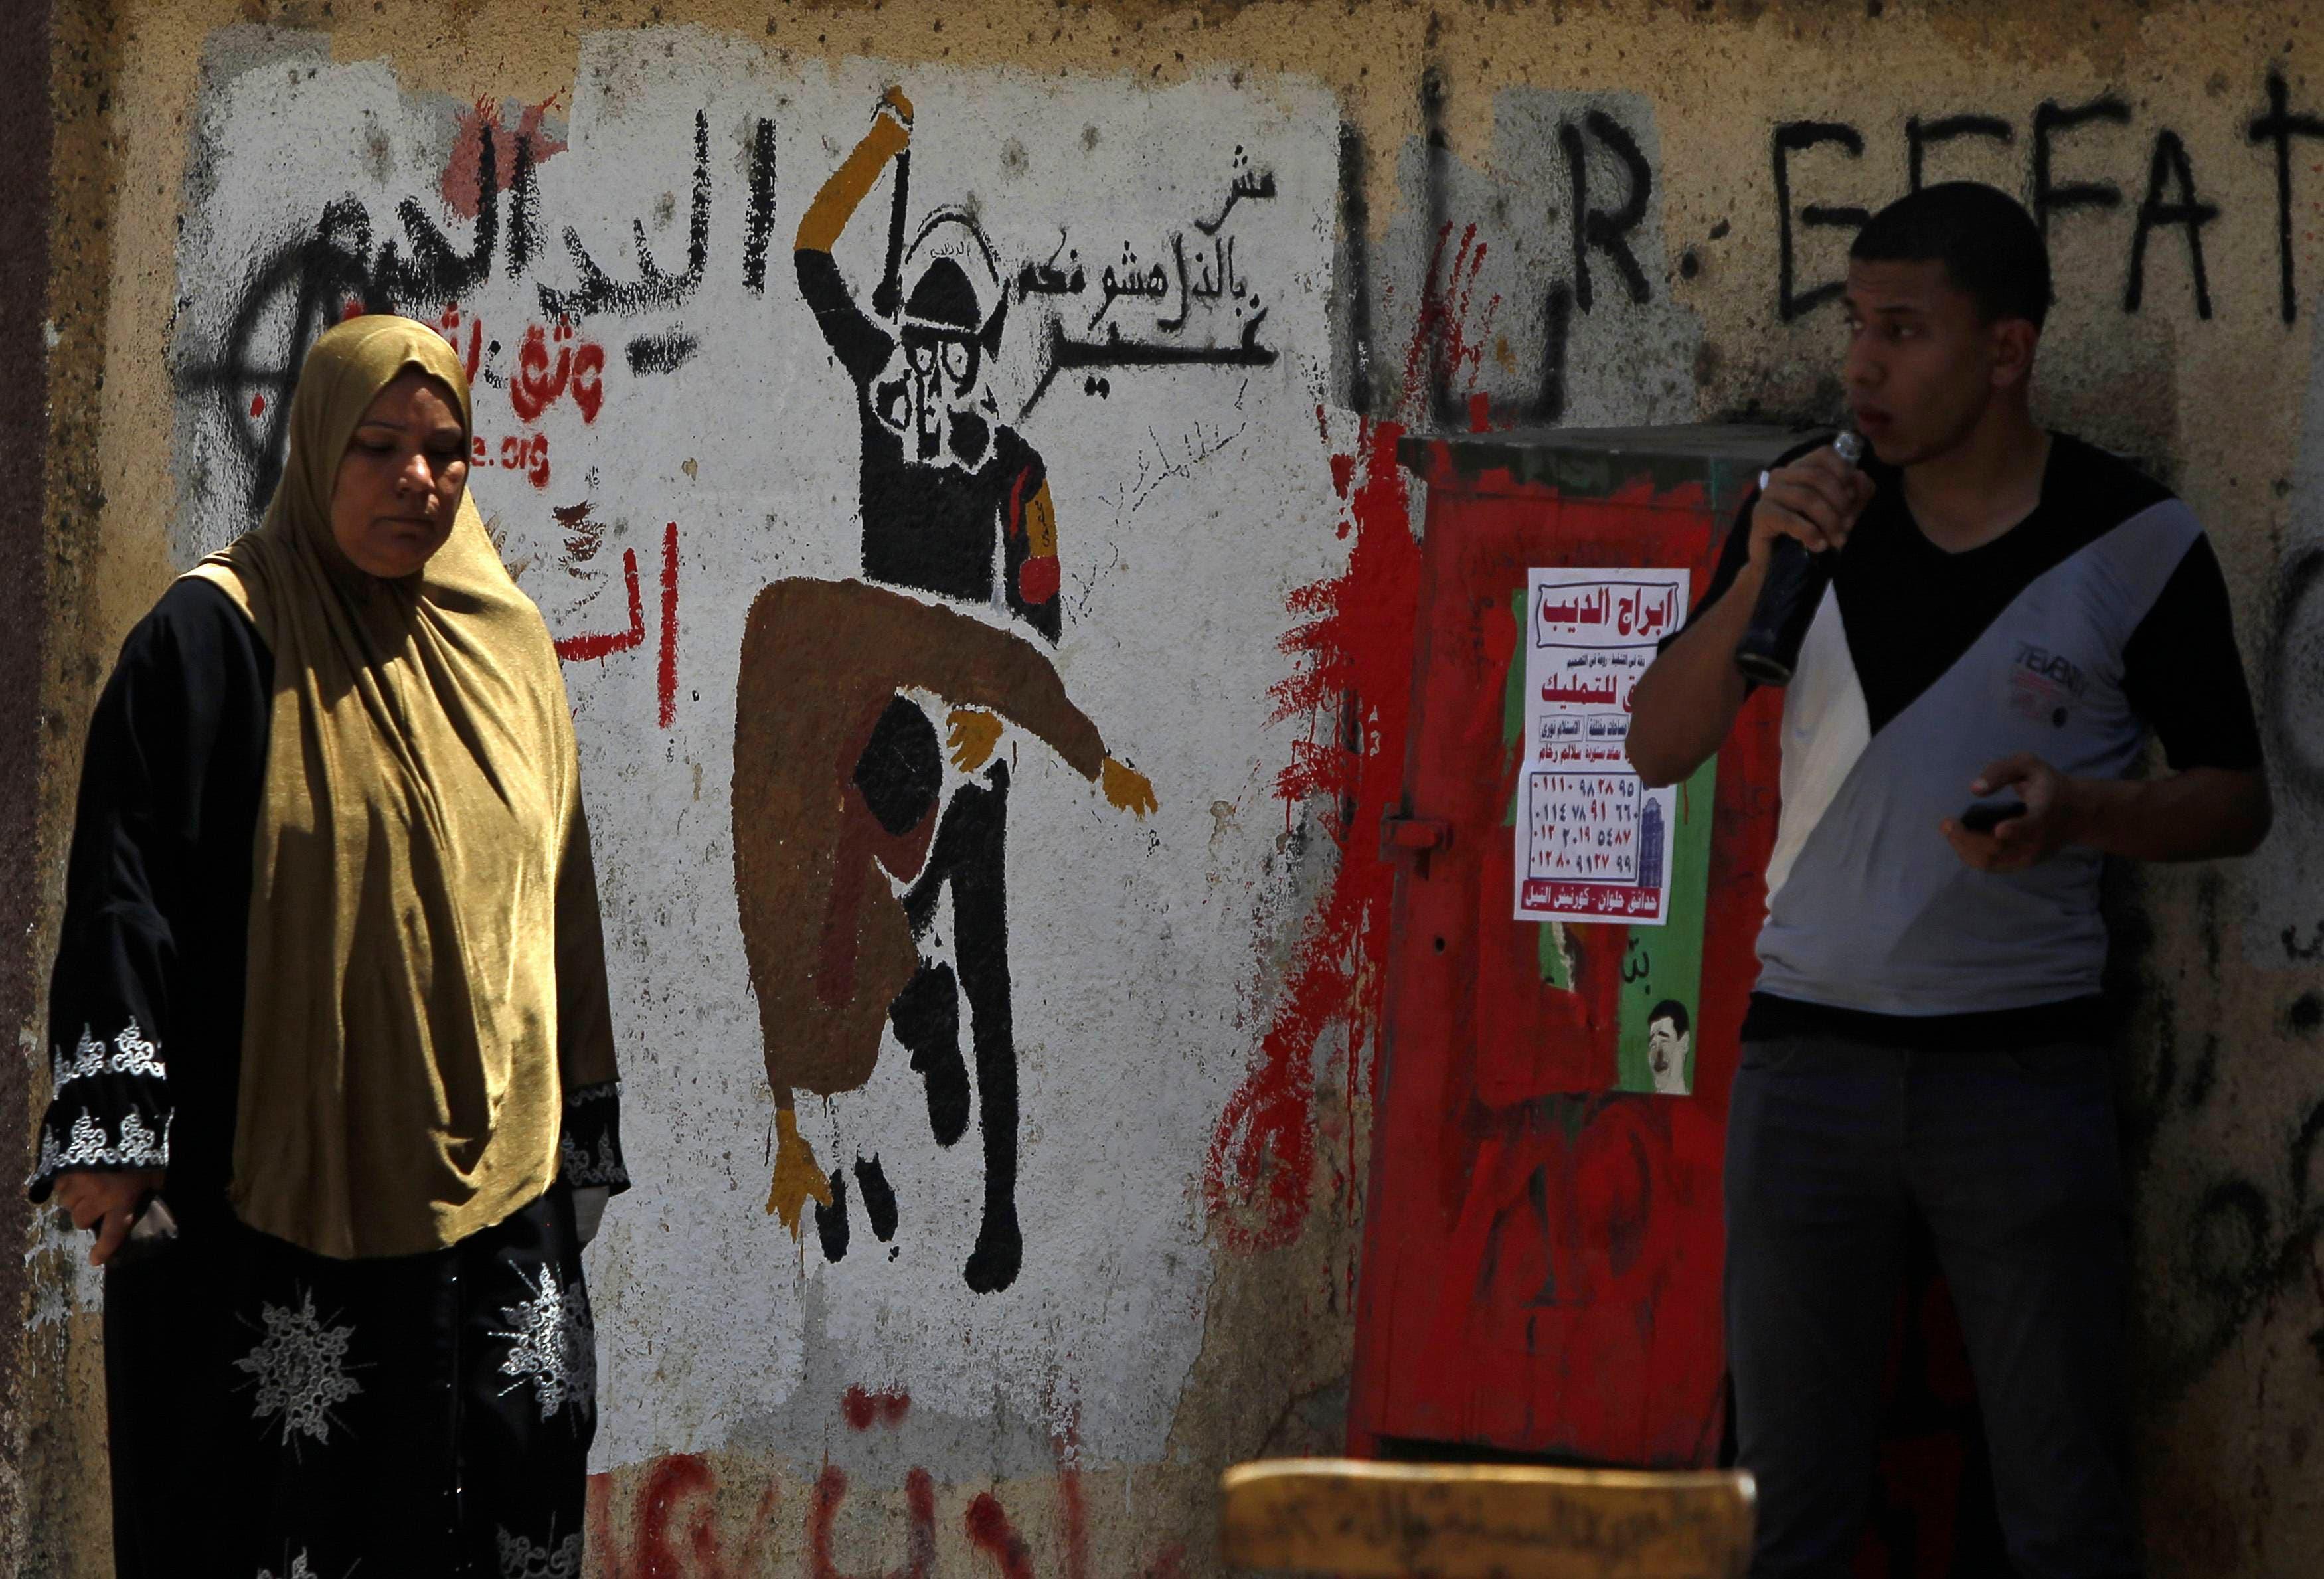 Graffiti in Egypt breaks silence of opposition